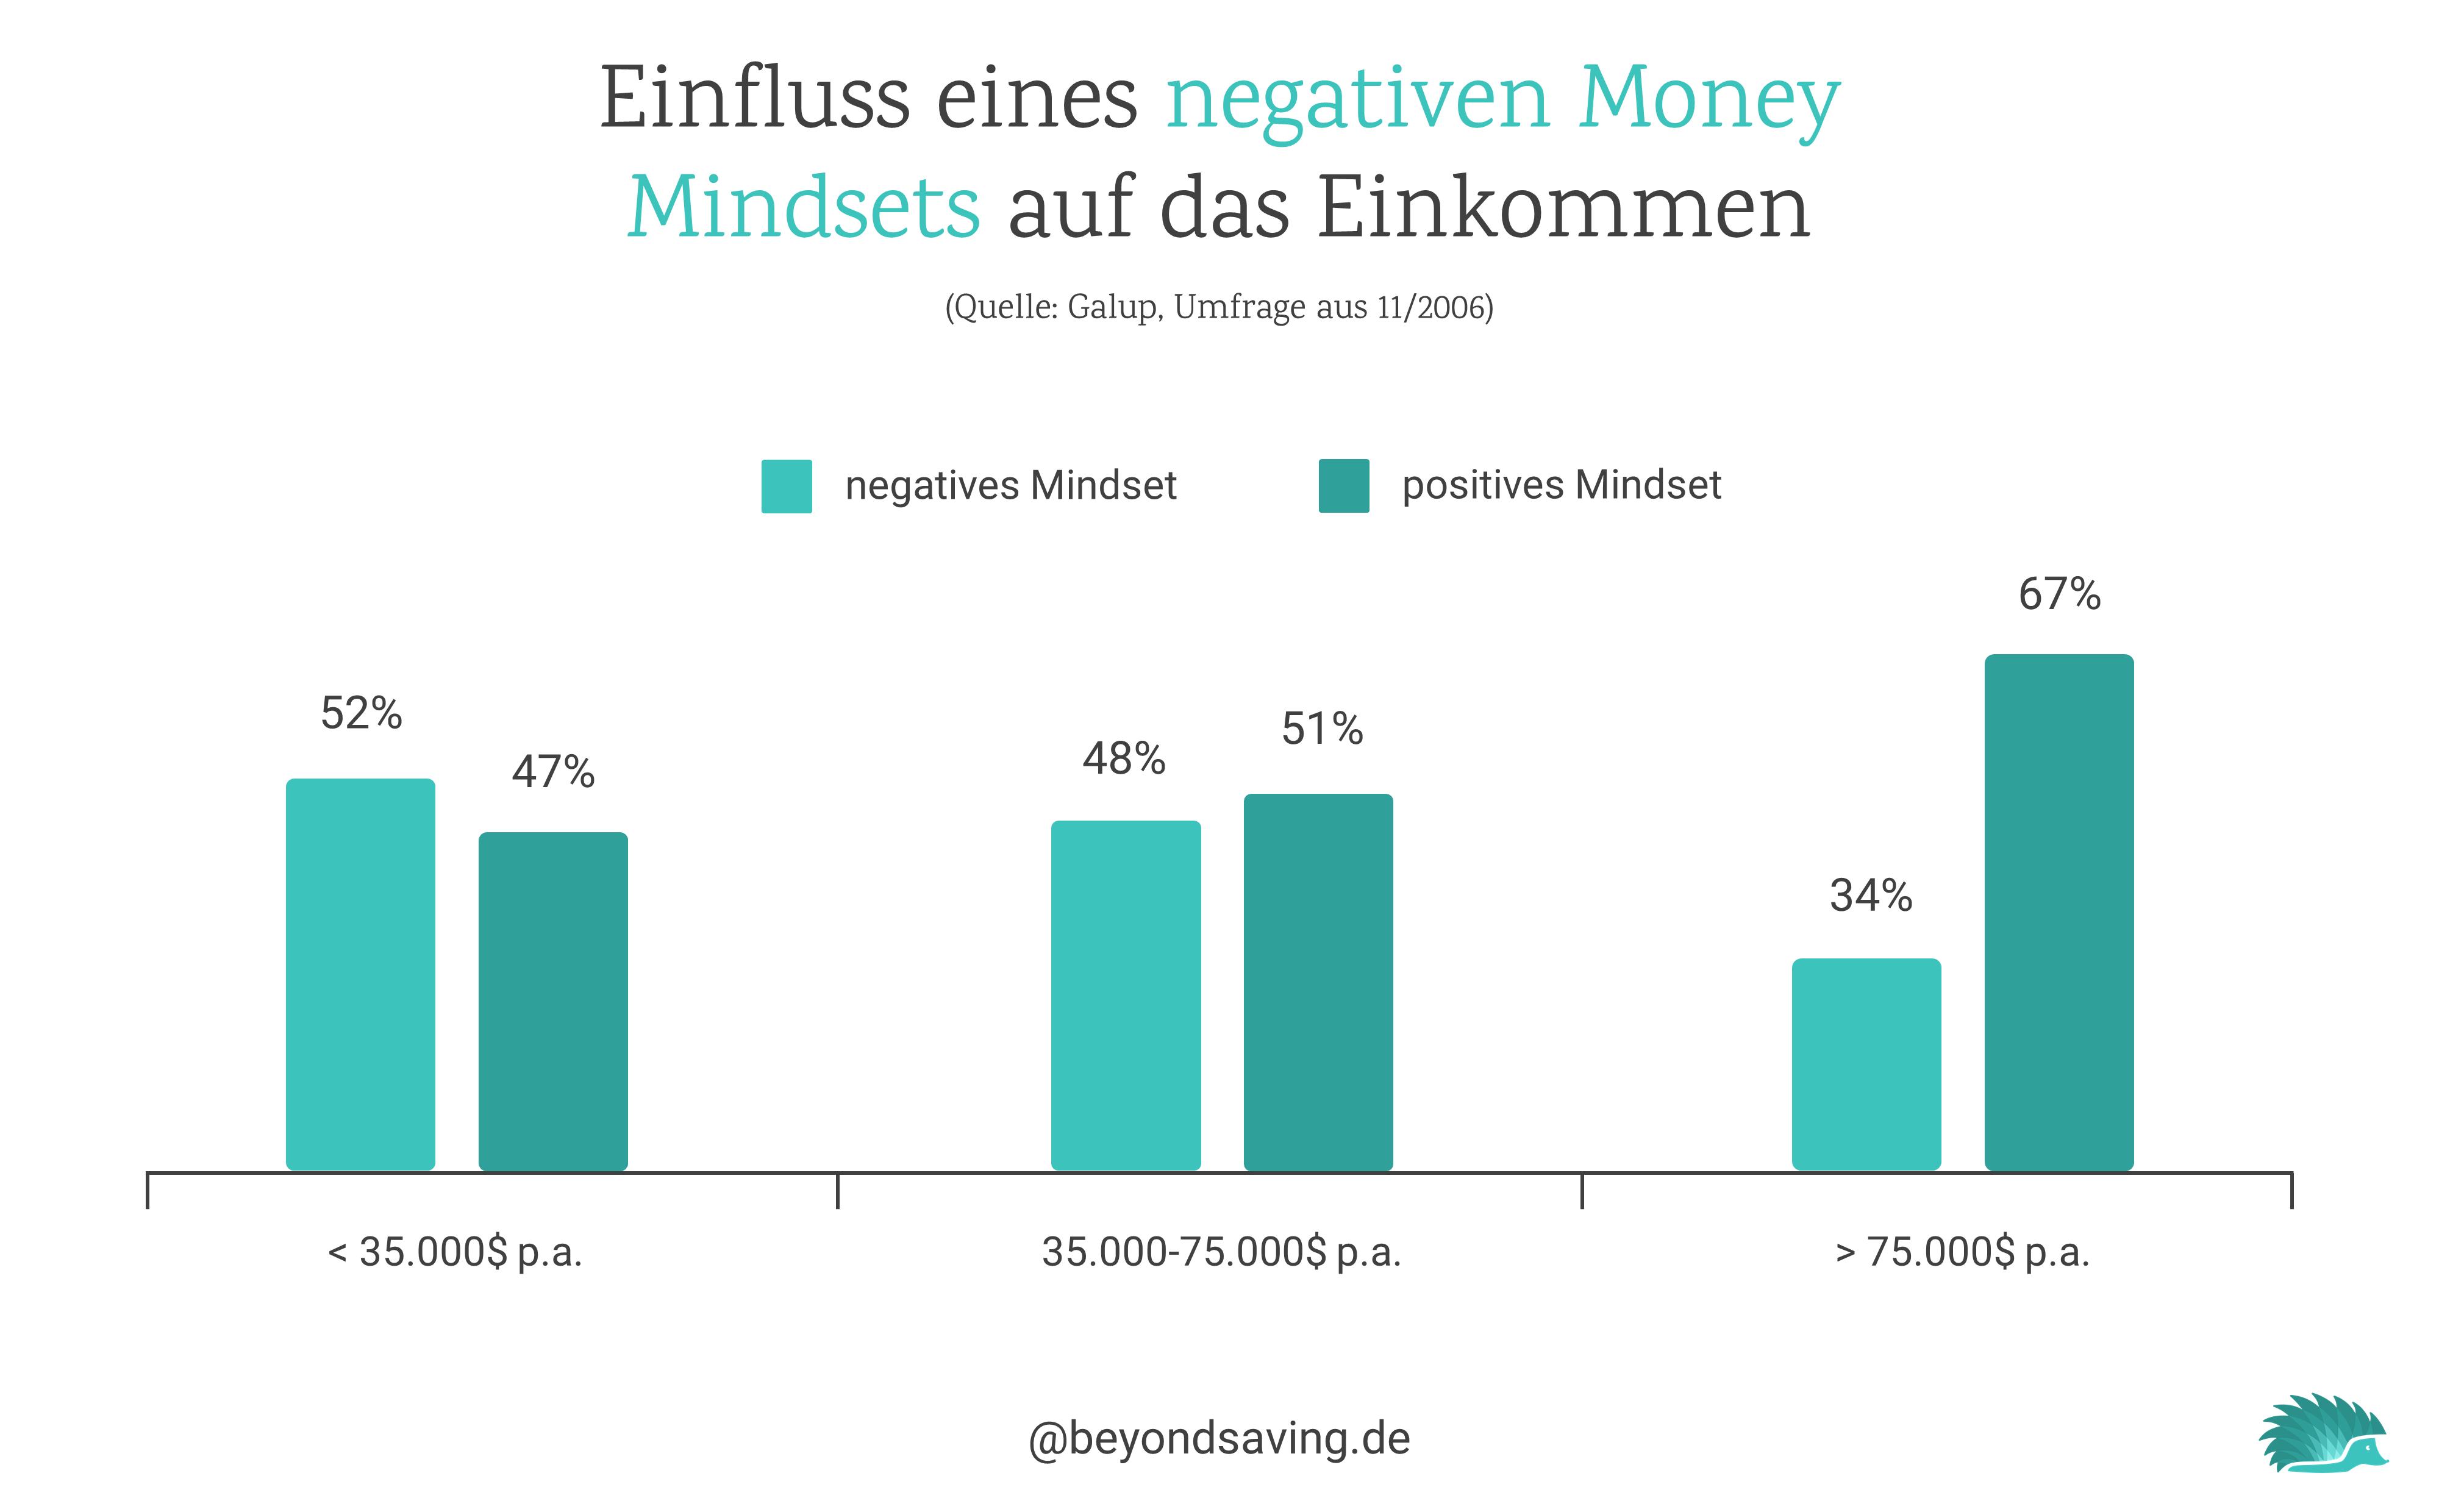 money-mindset-einkommen